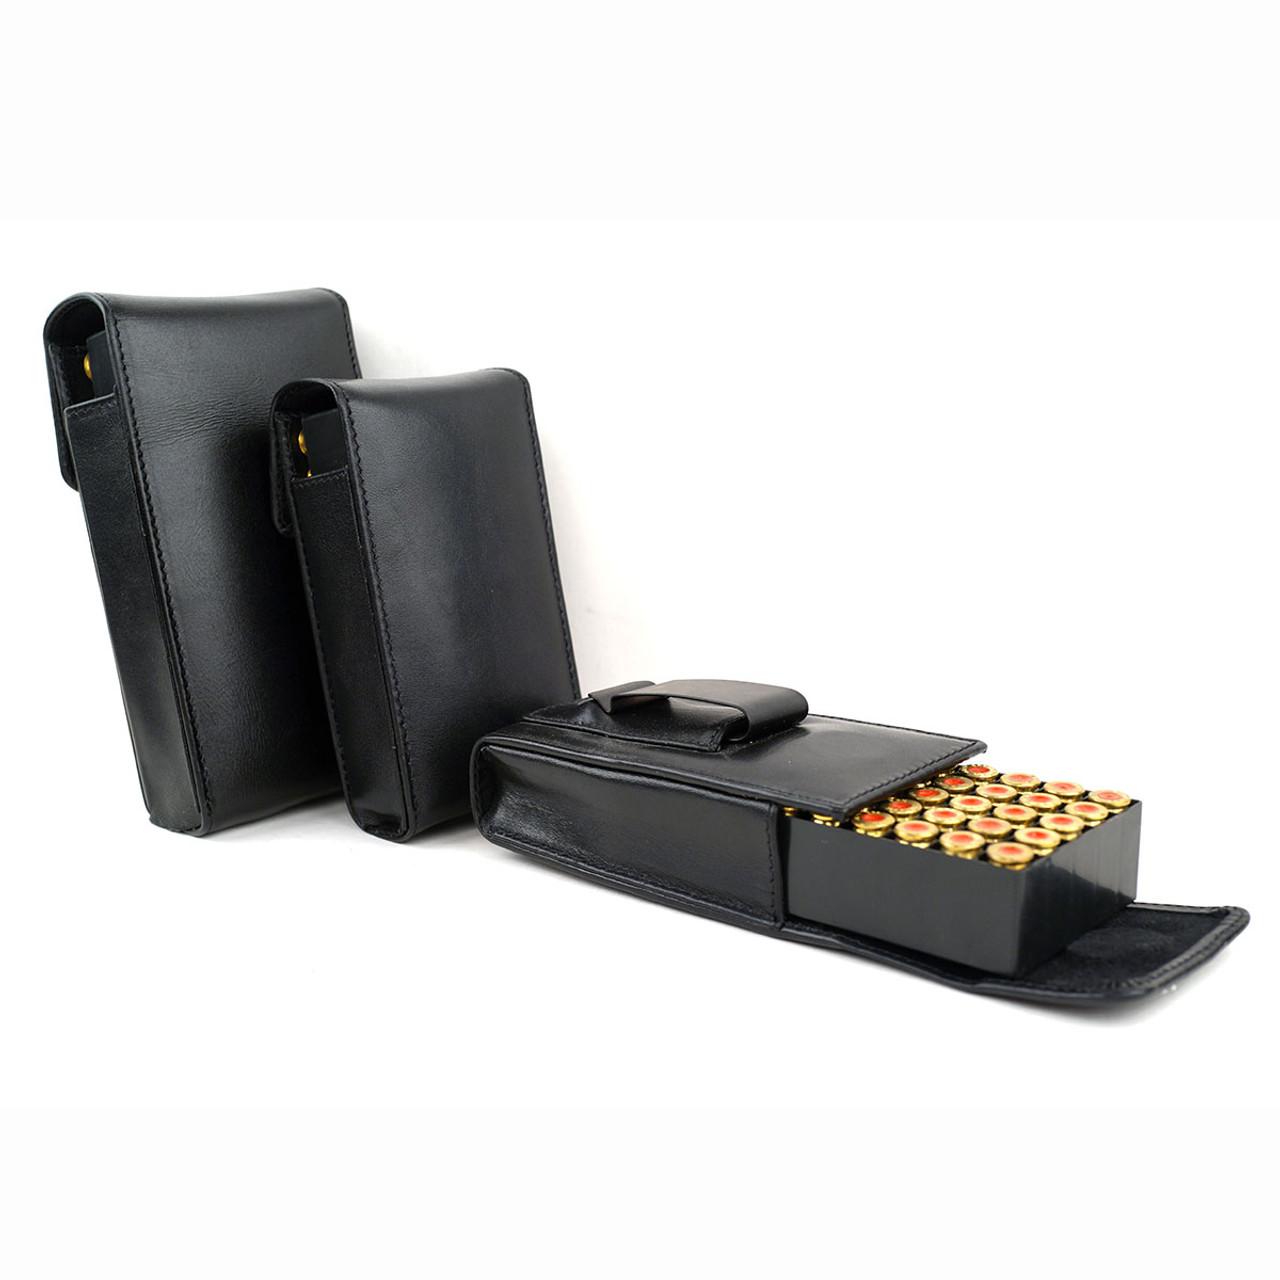 Kahr P9 Leather Arsenal 50 Round Belt Case